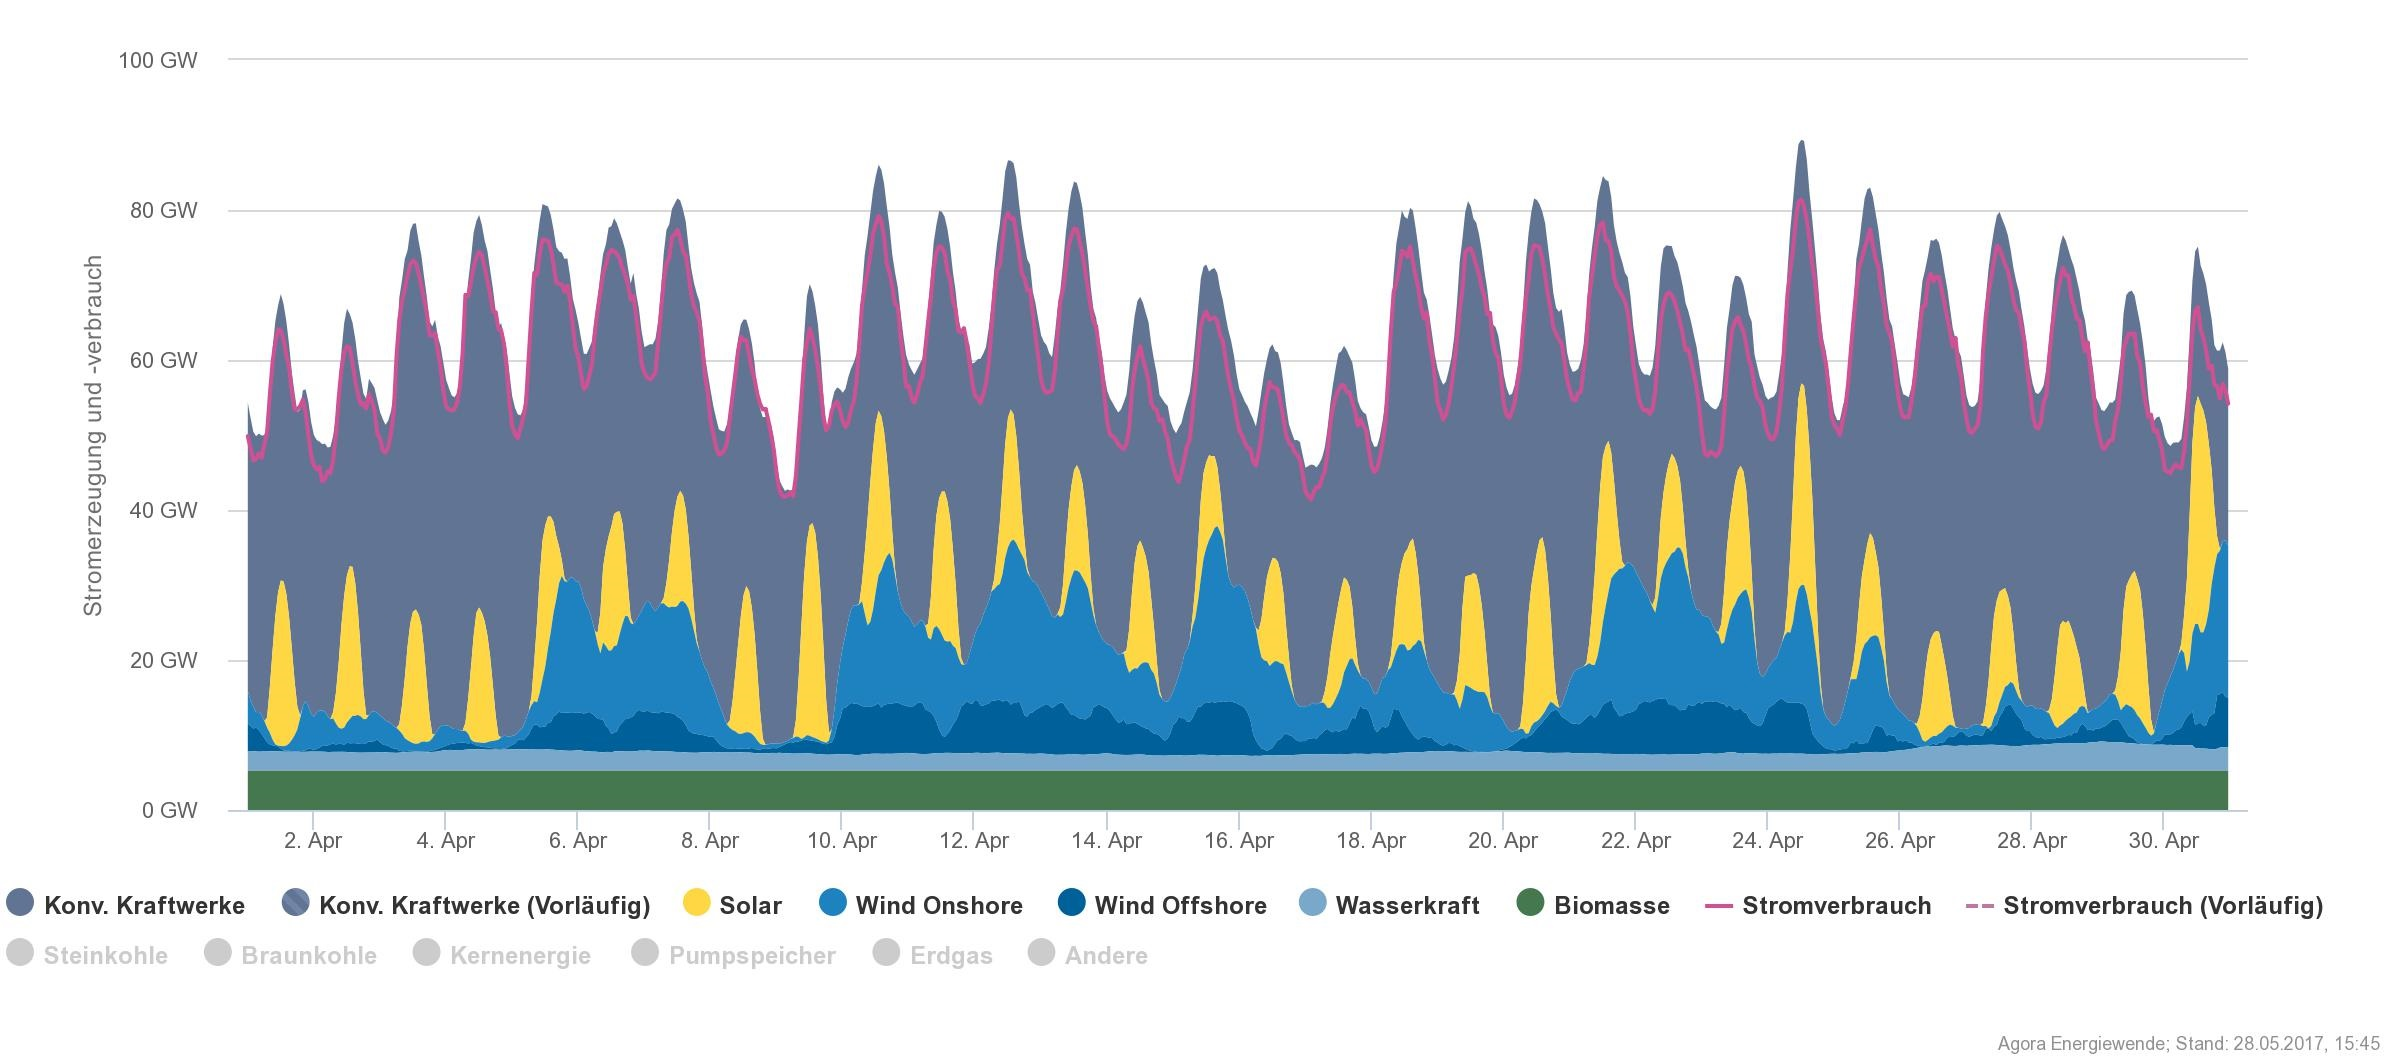 Stromerzeugung und Stromverbrauch, Deutschland, April 2017.